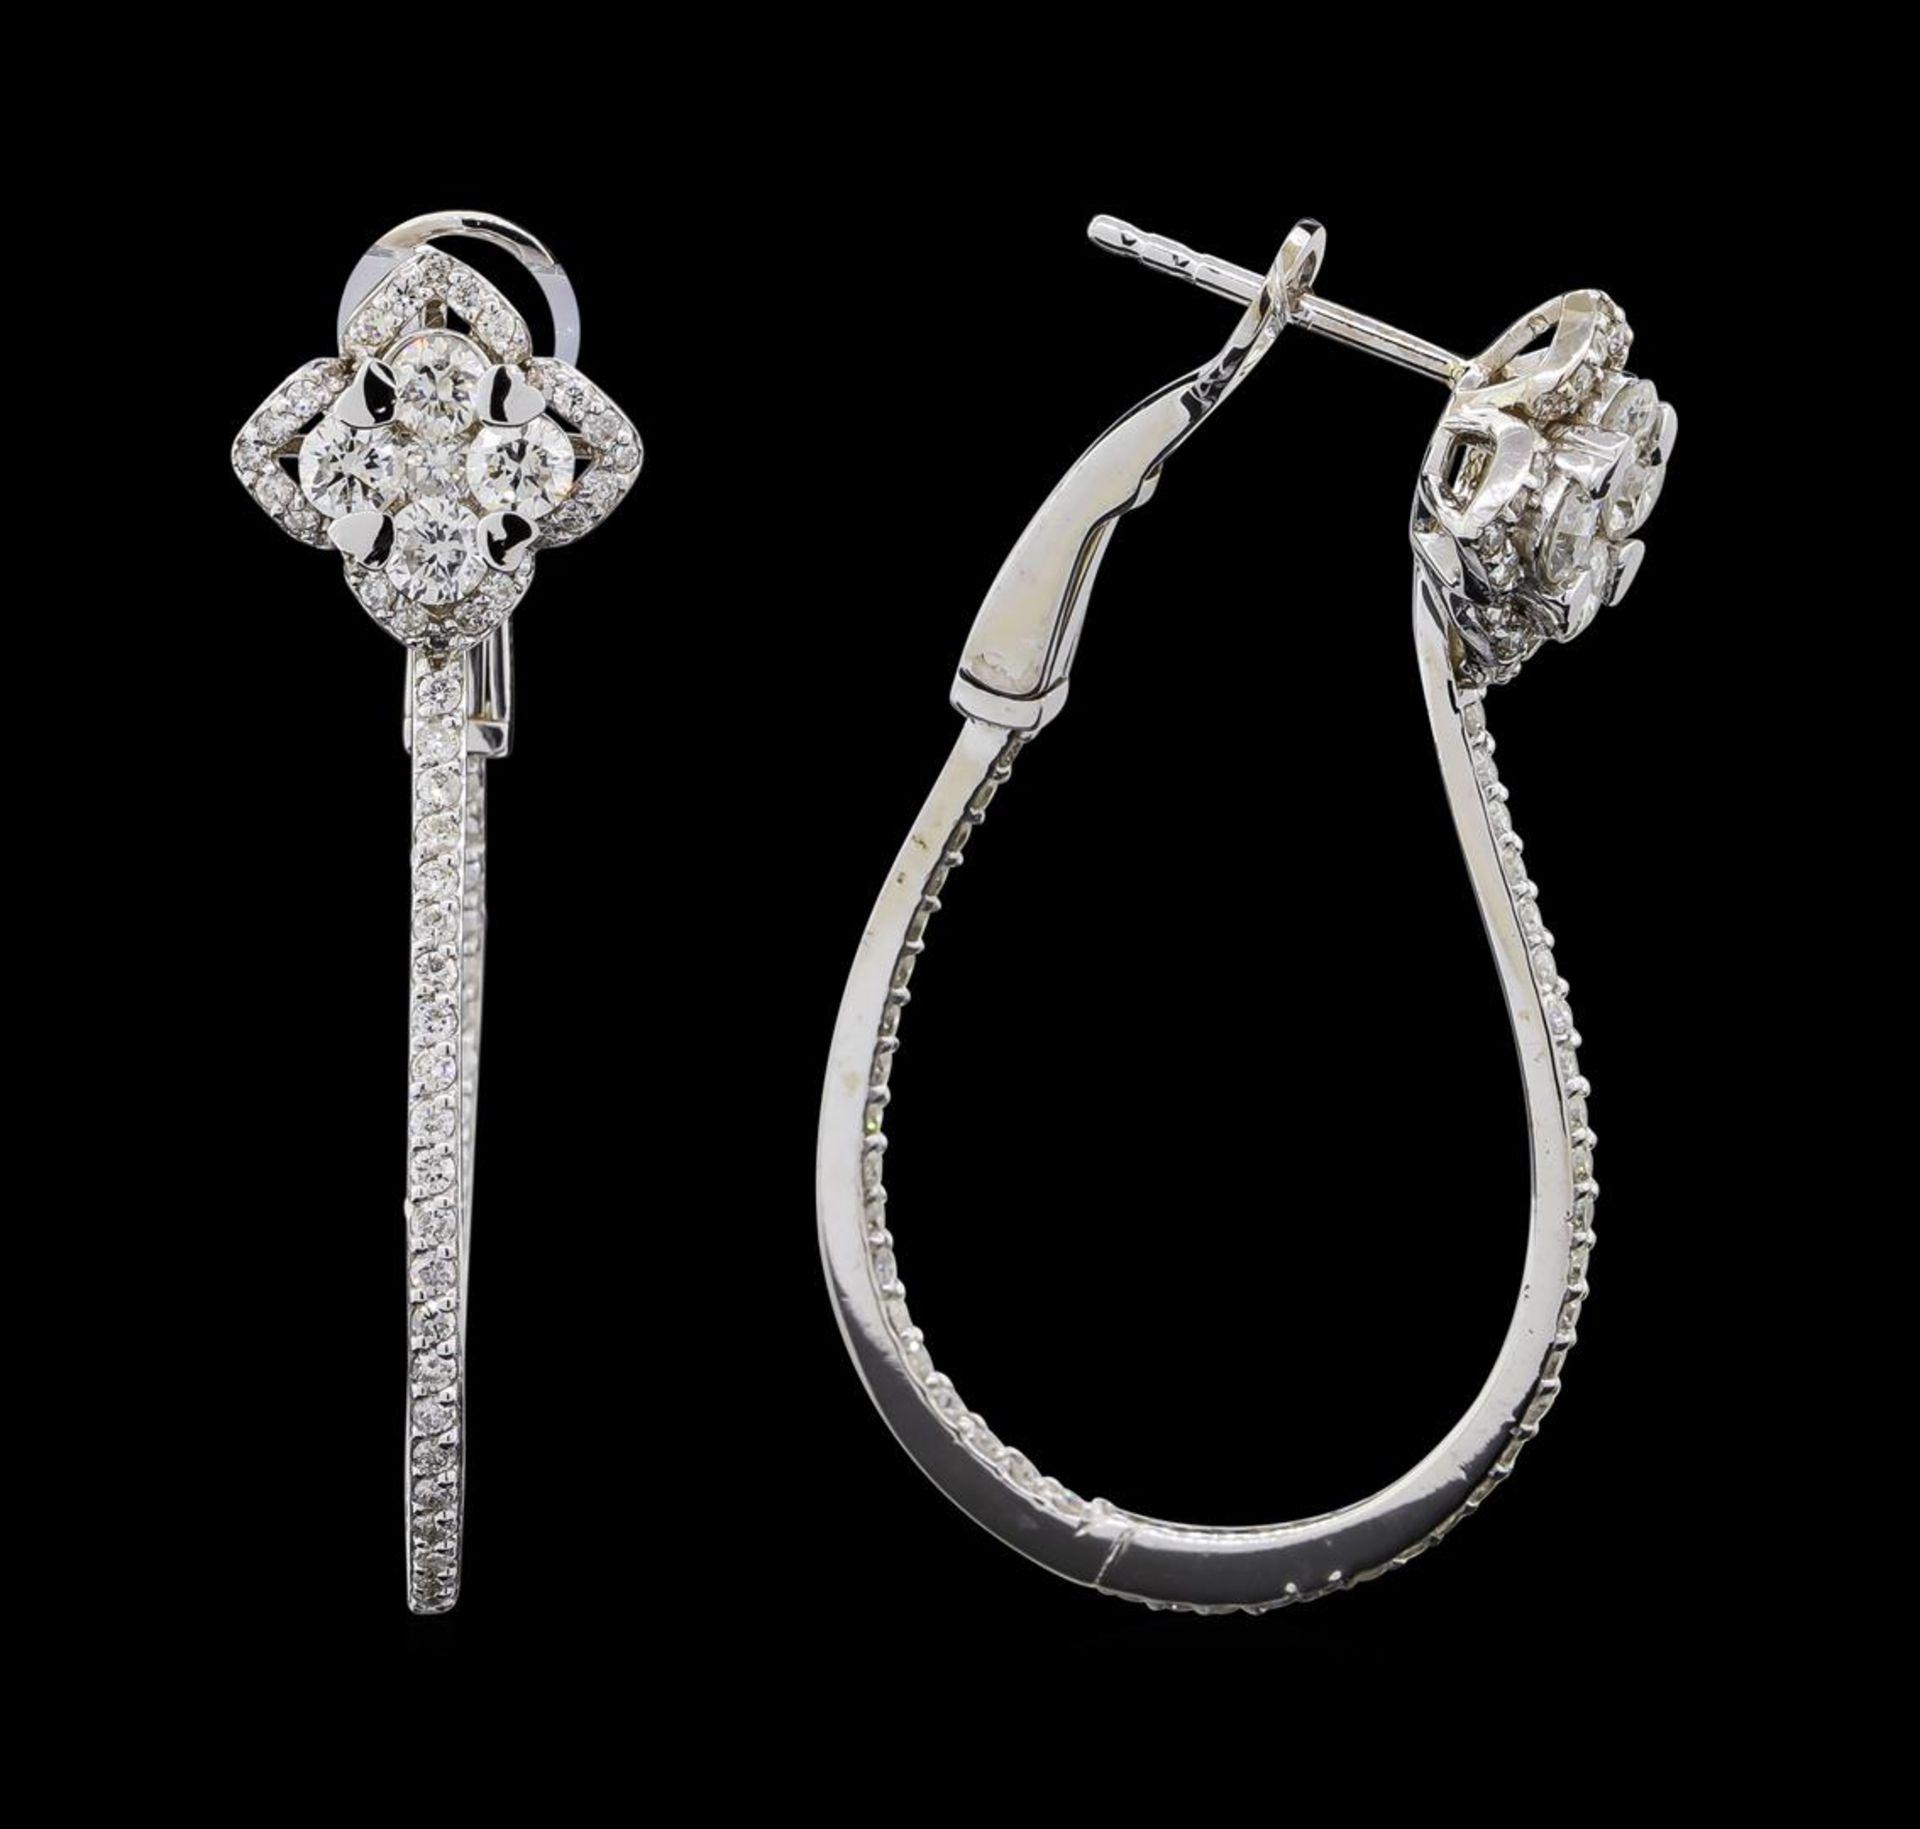 1.72 ctw Diamond Earrings - 14KT White Gold - Image 2 of 4